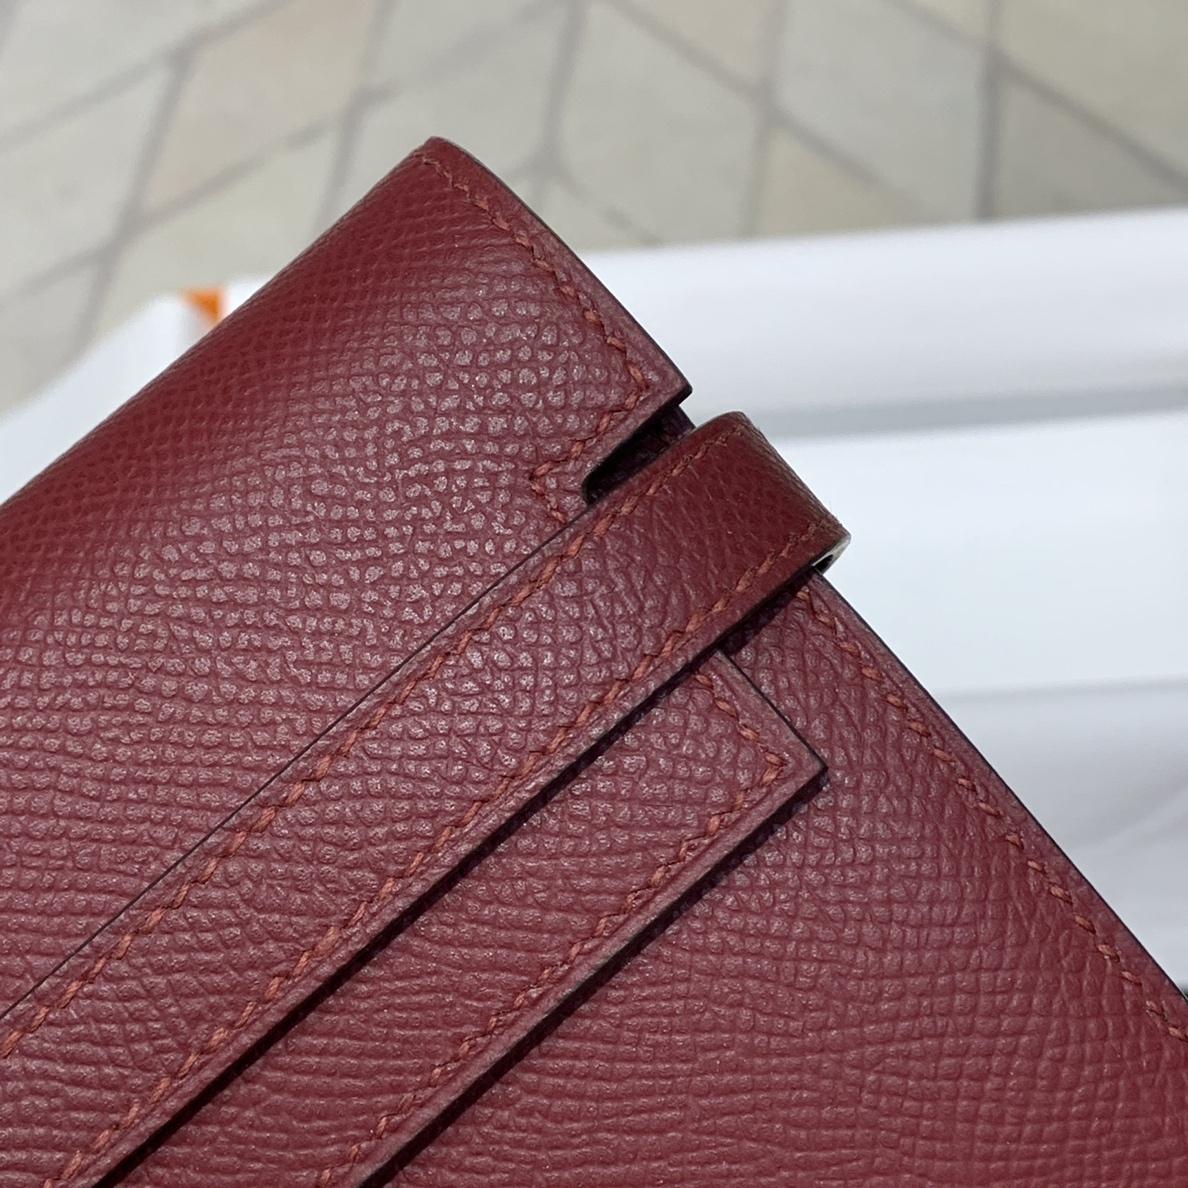 现货 Hermes钱包批发 爱马仕原厂Epsom牛皮Kelly凯莉钱夹手拿包 57酒红色 银扣